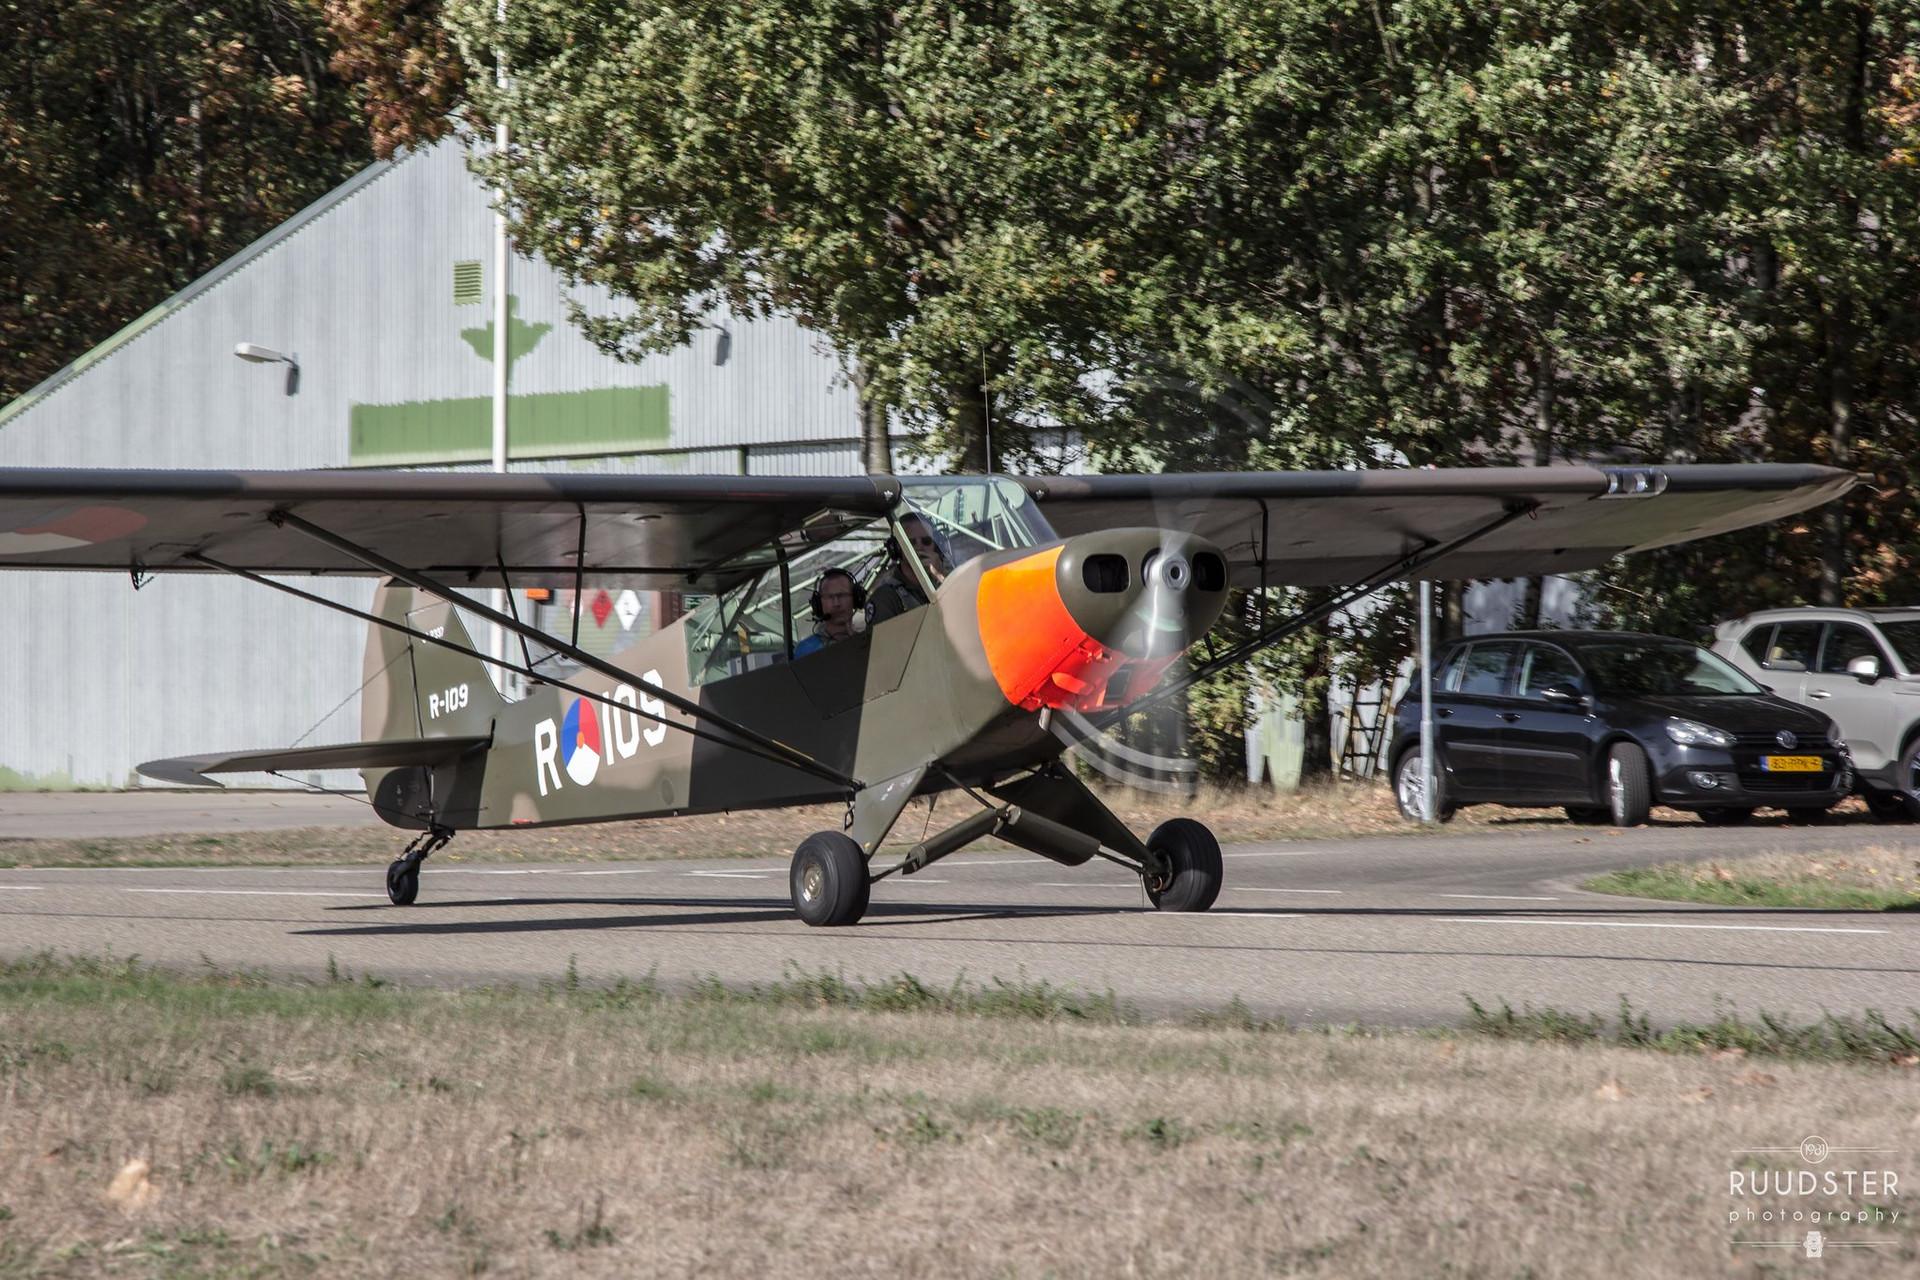 R-109   Build: 1954 - Piper Super Cub L-21A/U-7B